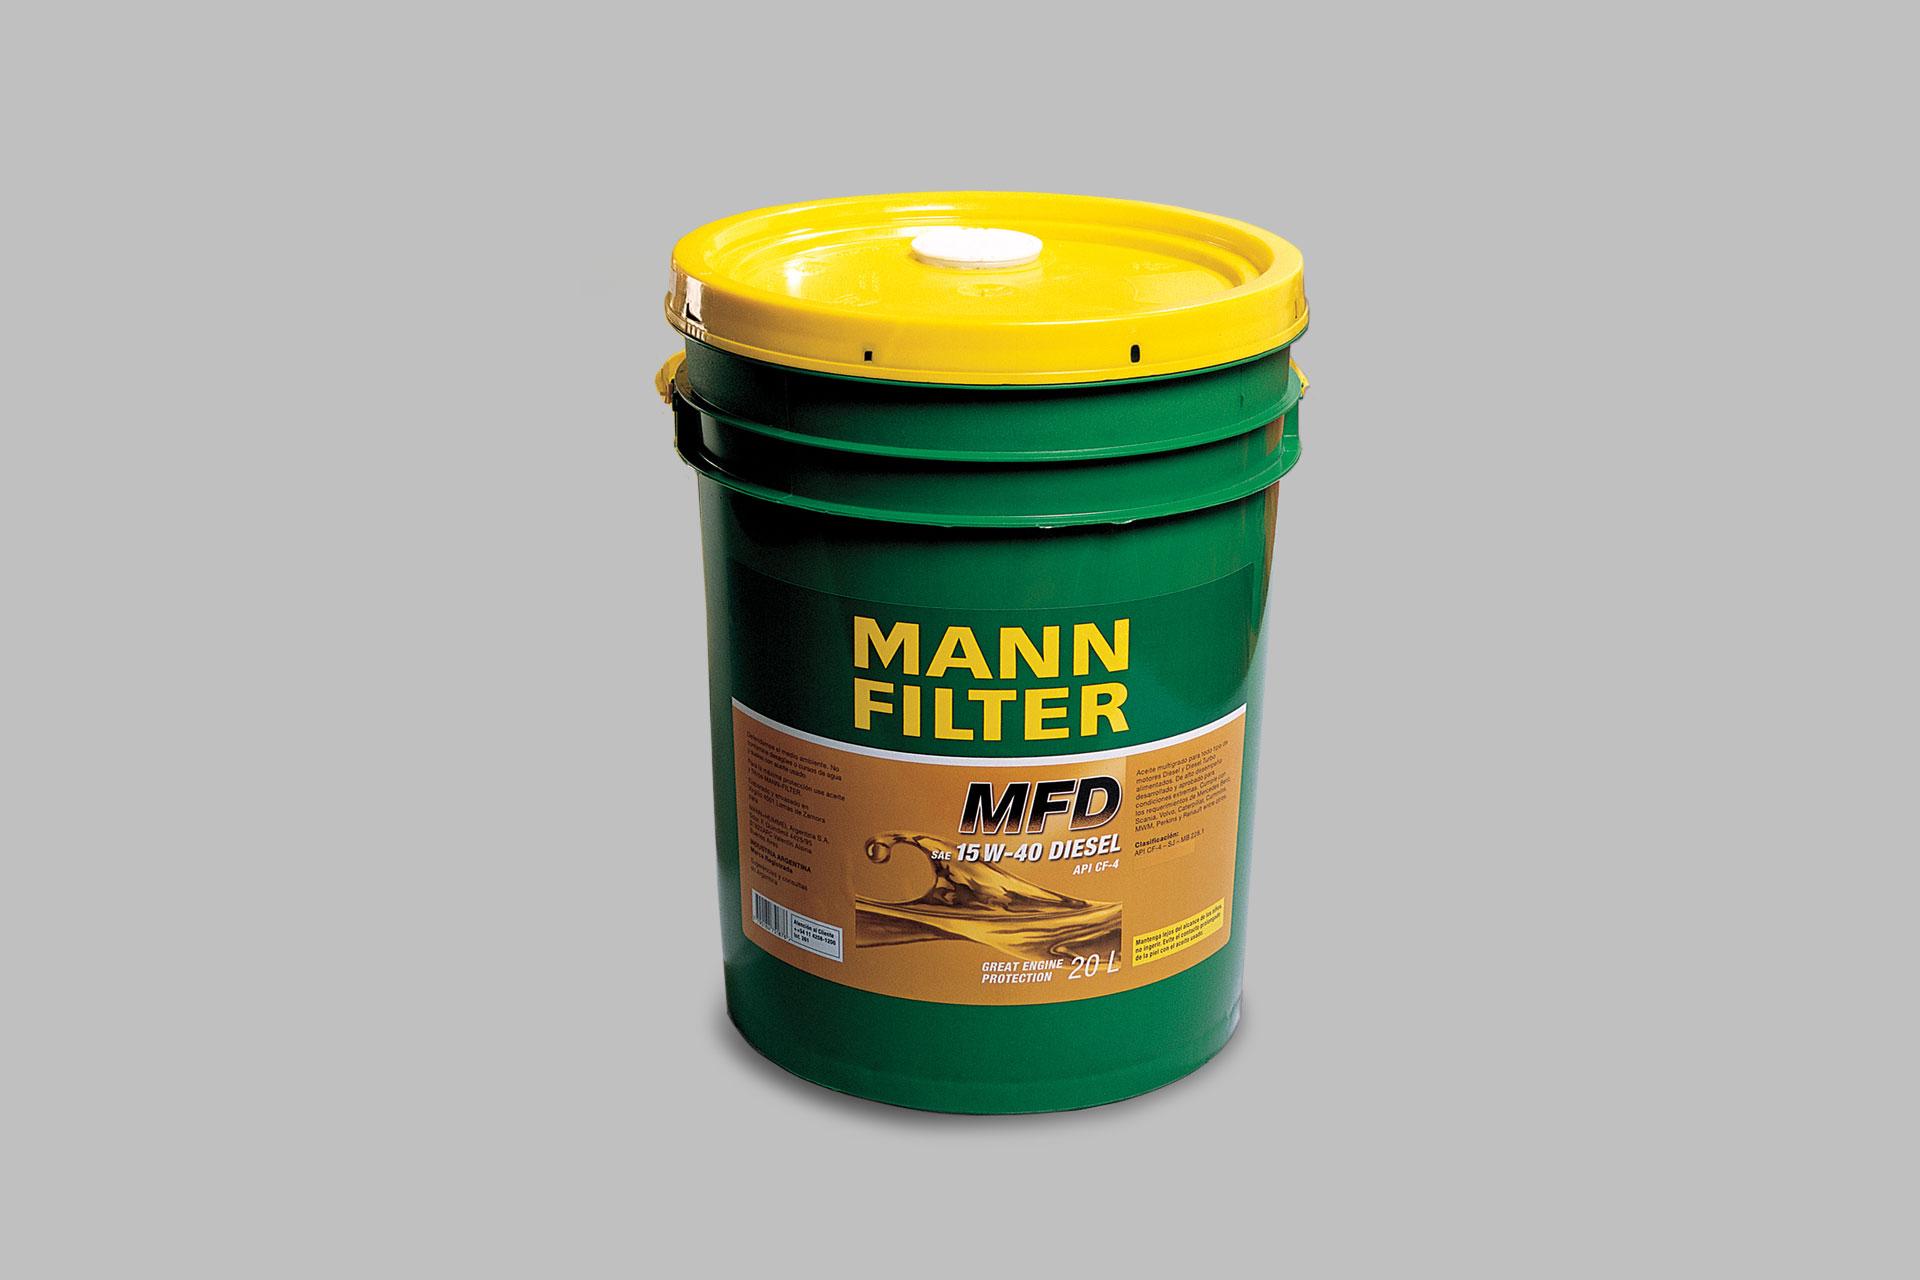 Verpackungsdesign für MANN-FILTER, Beispiel Verpackungsdesign